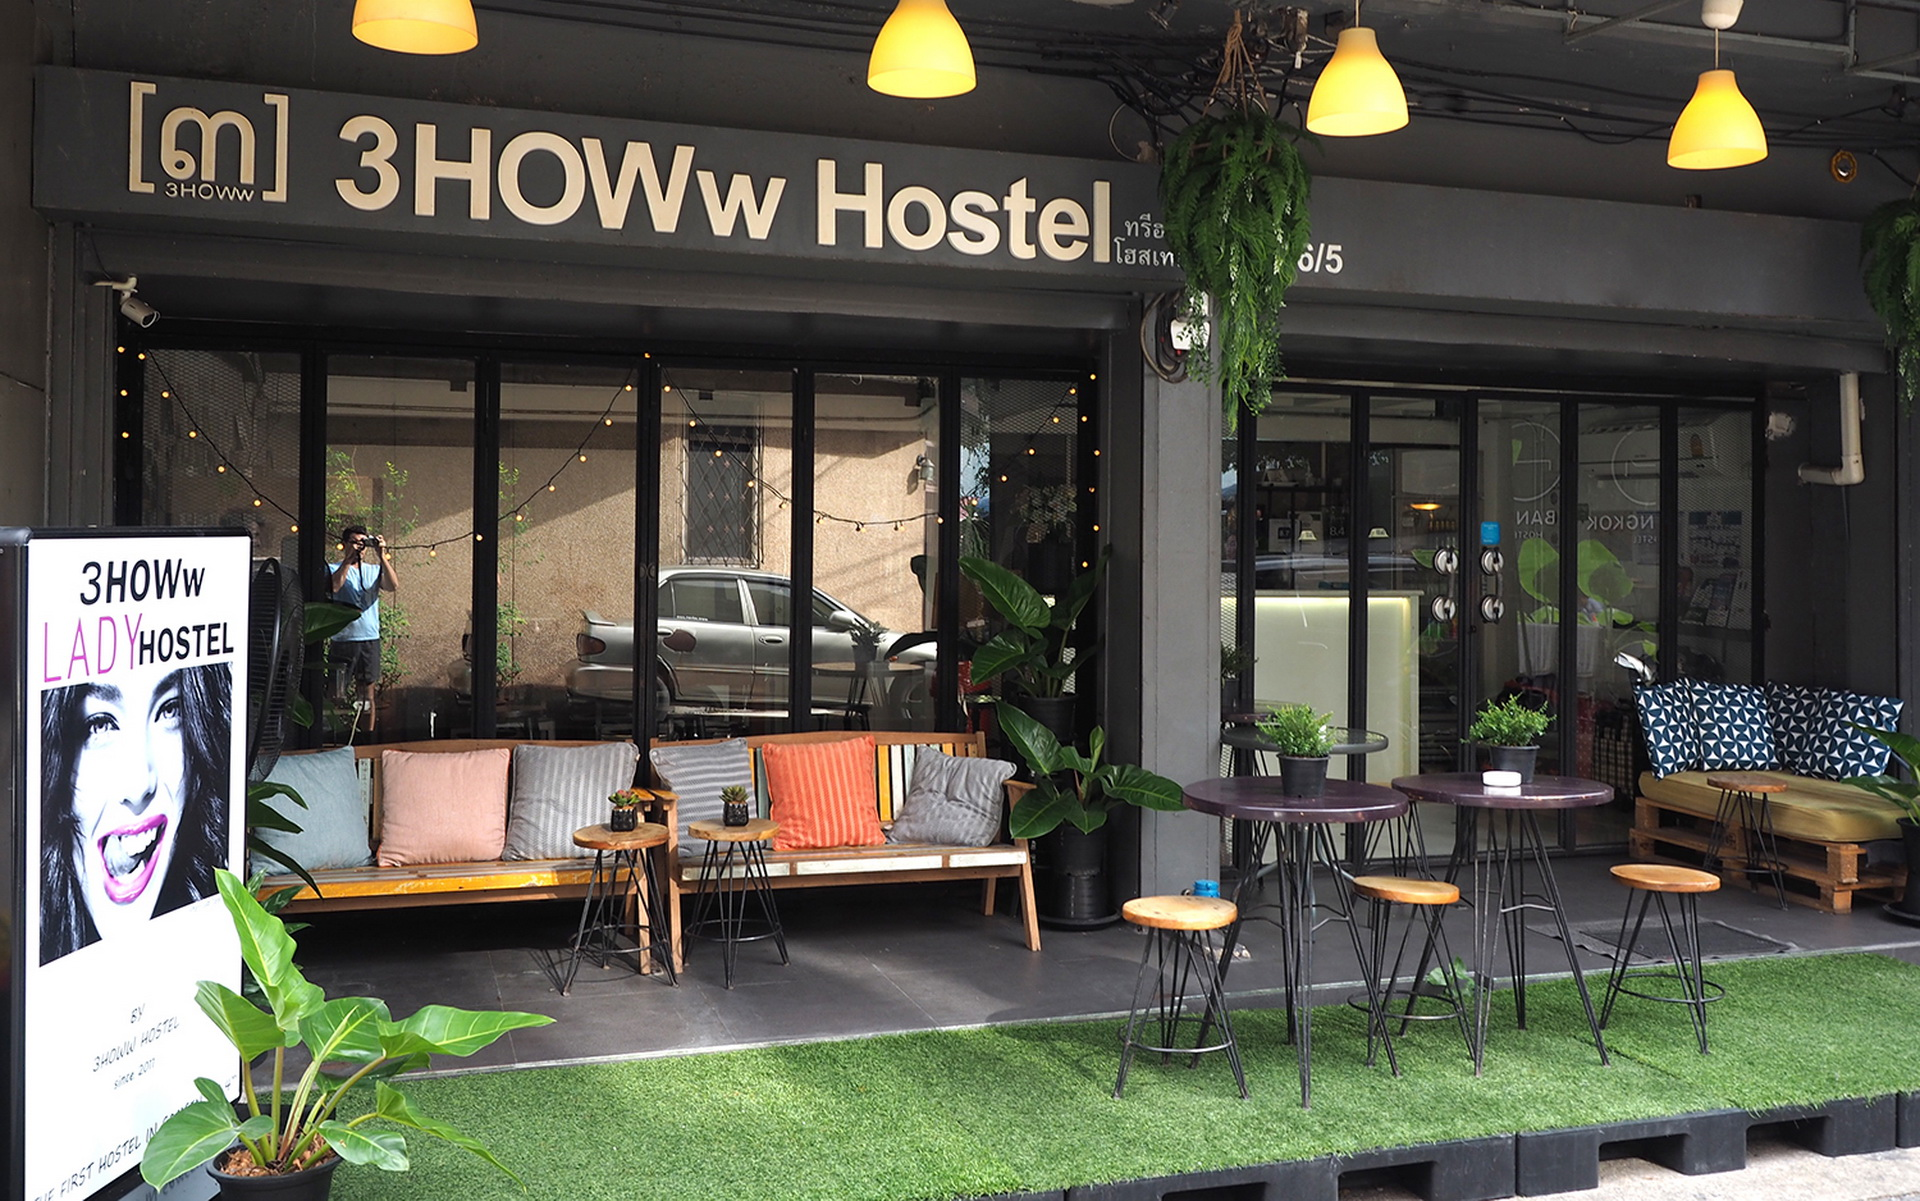 3Howw Hostel